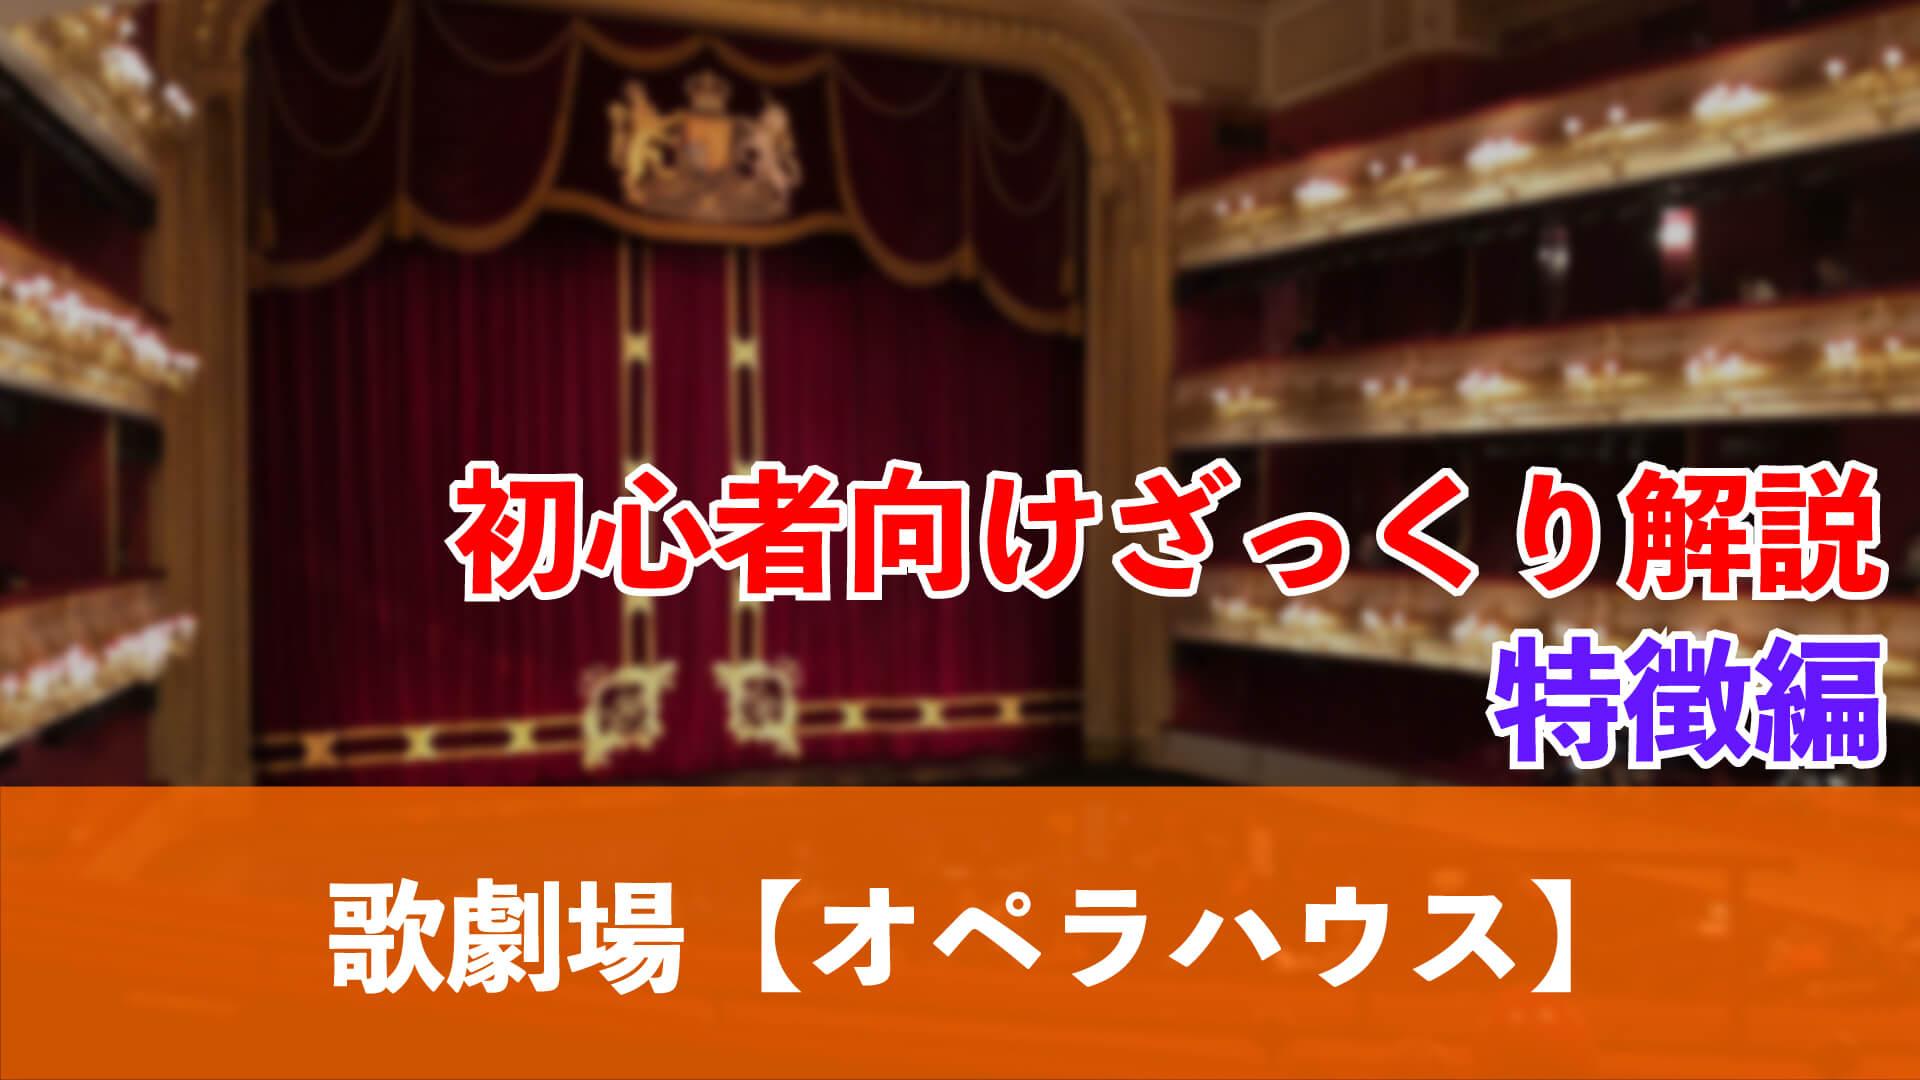 【歌劇場】オペラハウスとは【特徴編】